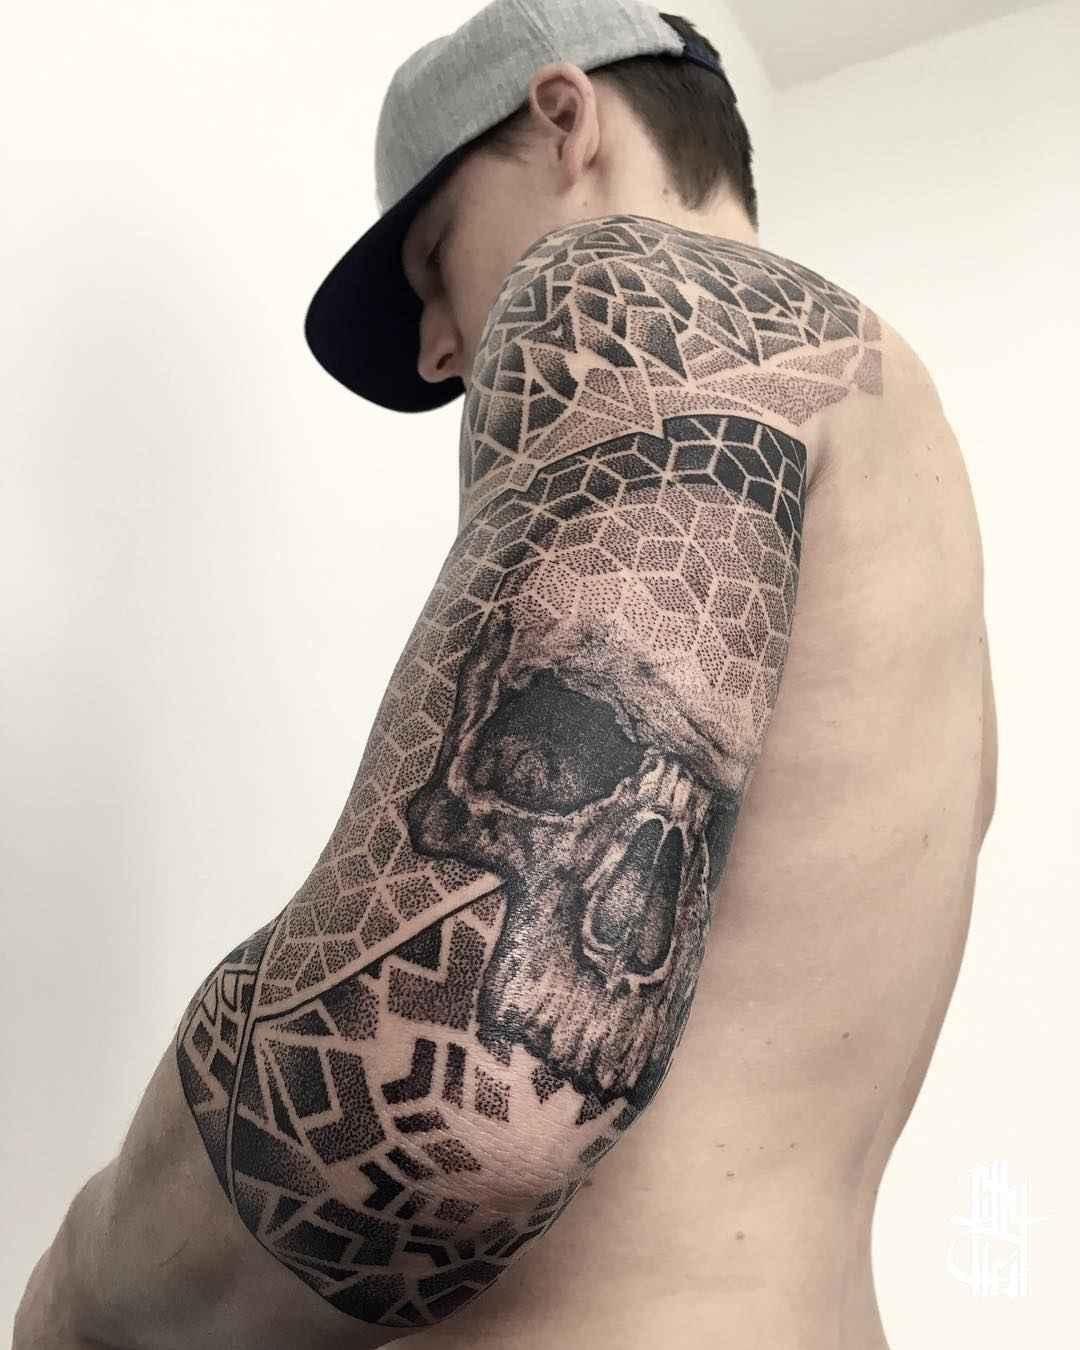 Un tatuaje geometrico en blanco y negro de calavera en el brazo